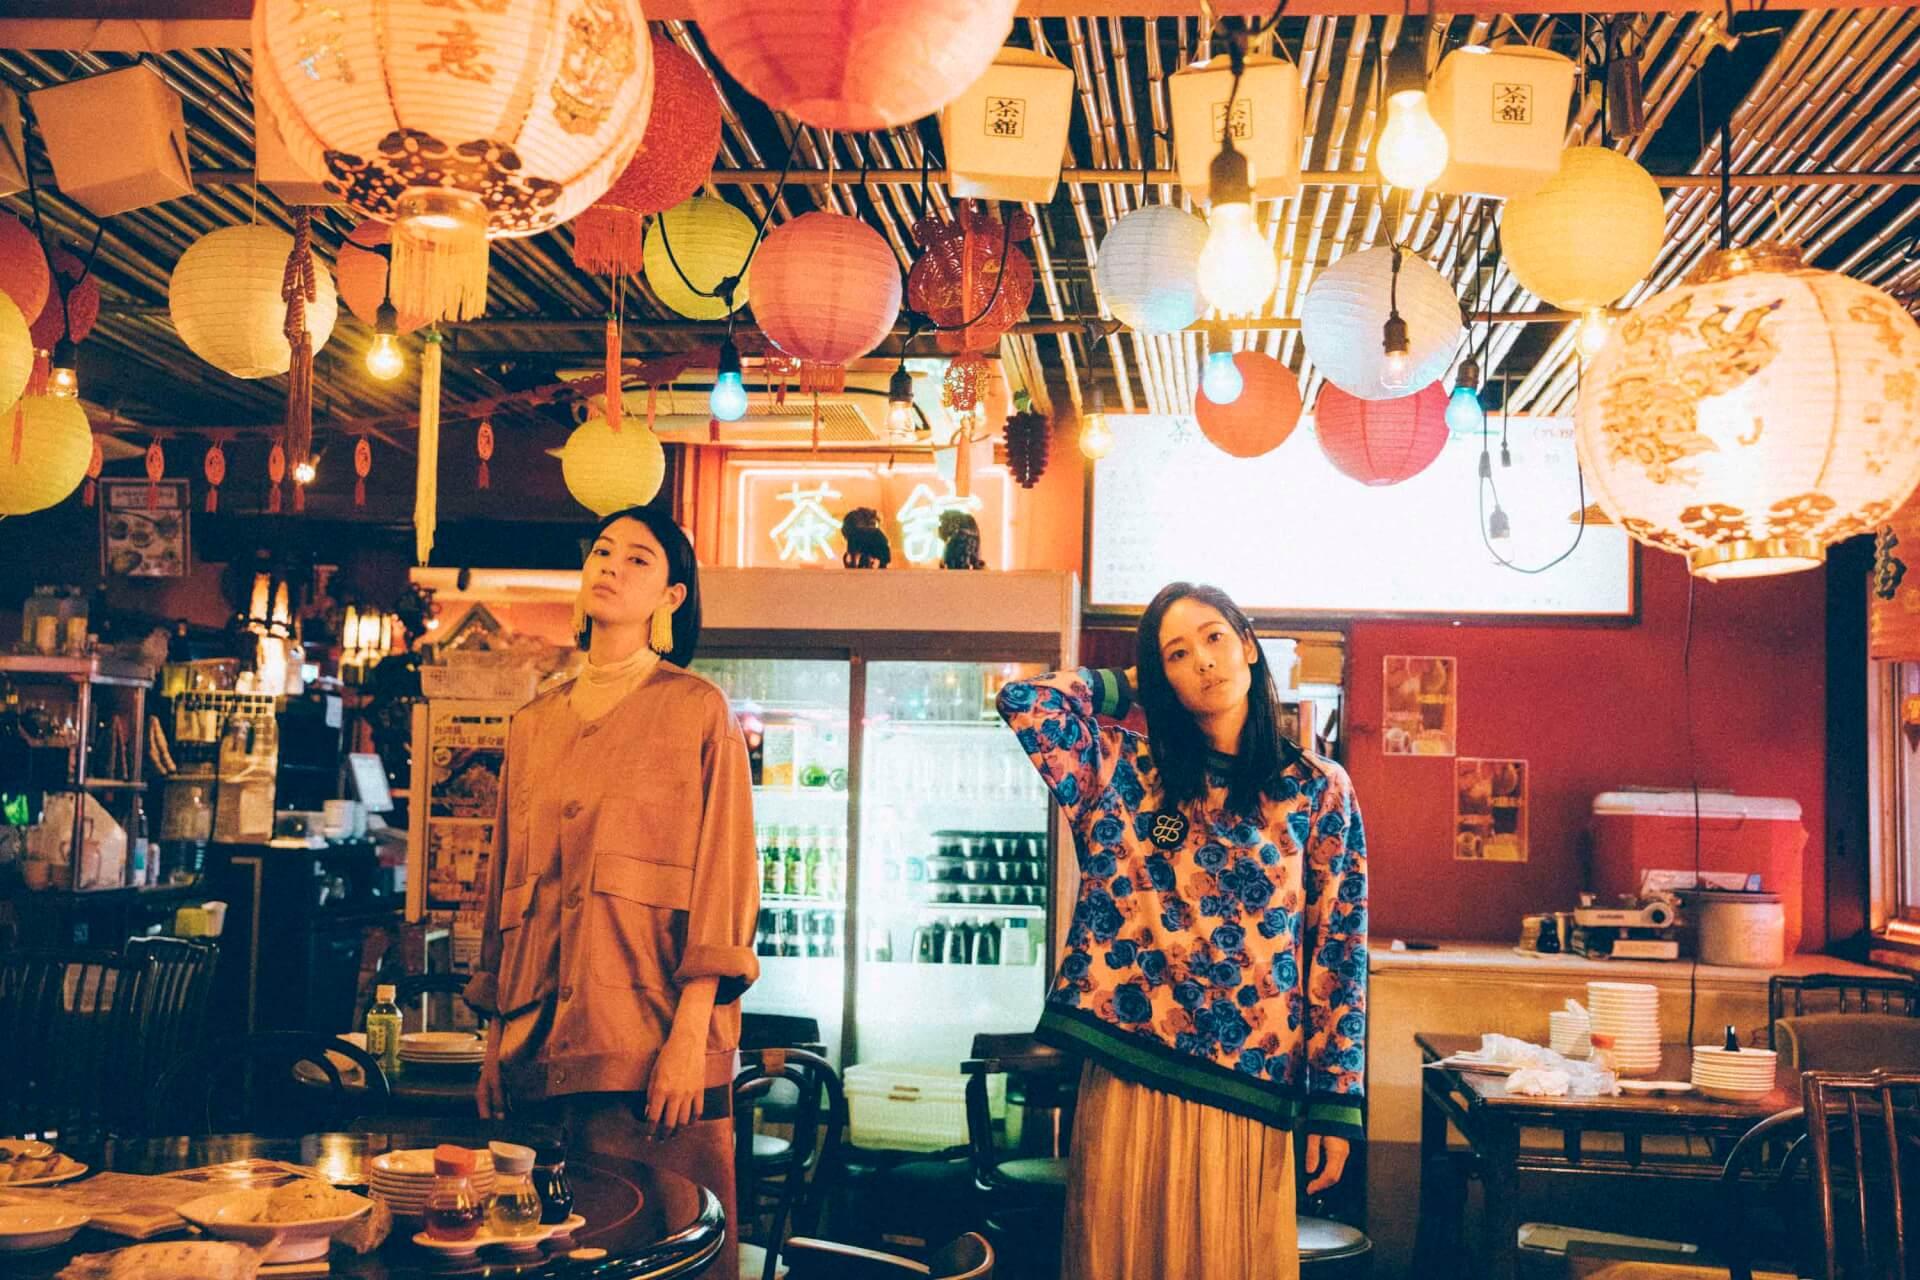 三吉彩花&阿部純子W主演映画『Daughters』が9月公開決定 追加キャストに黒谷友香や大塚寧々ら film200521-daughters-2